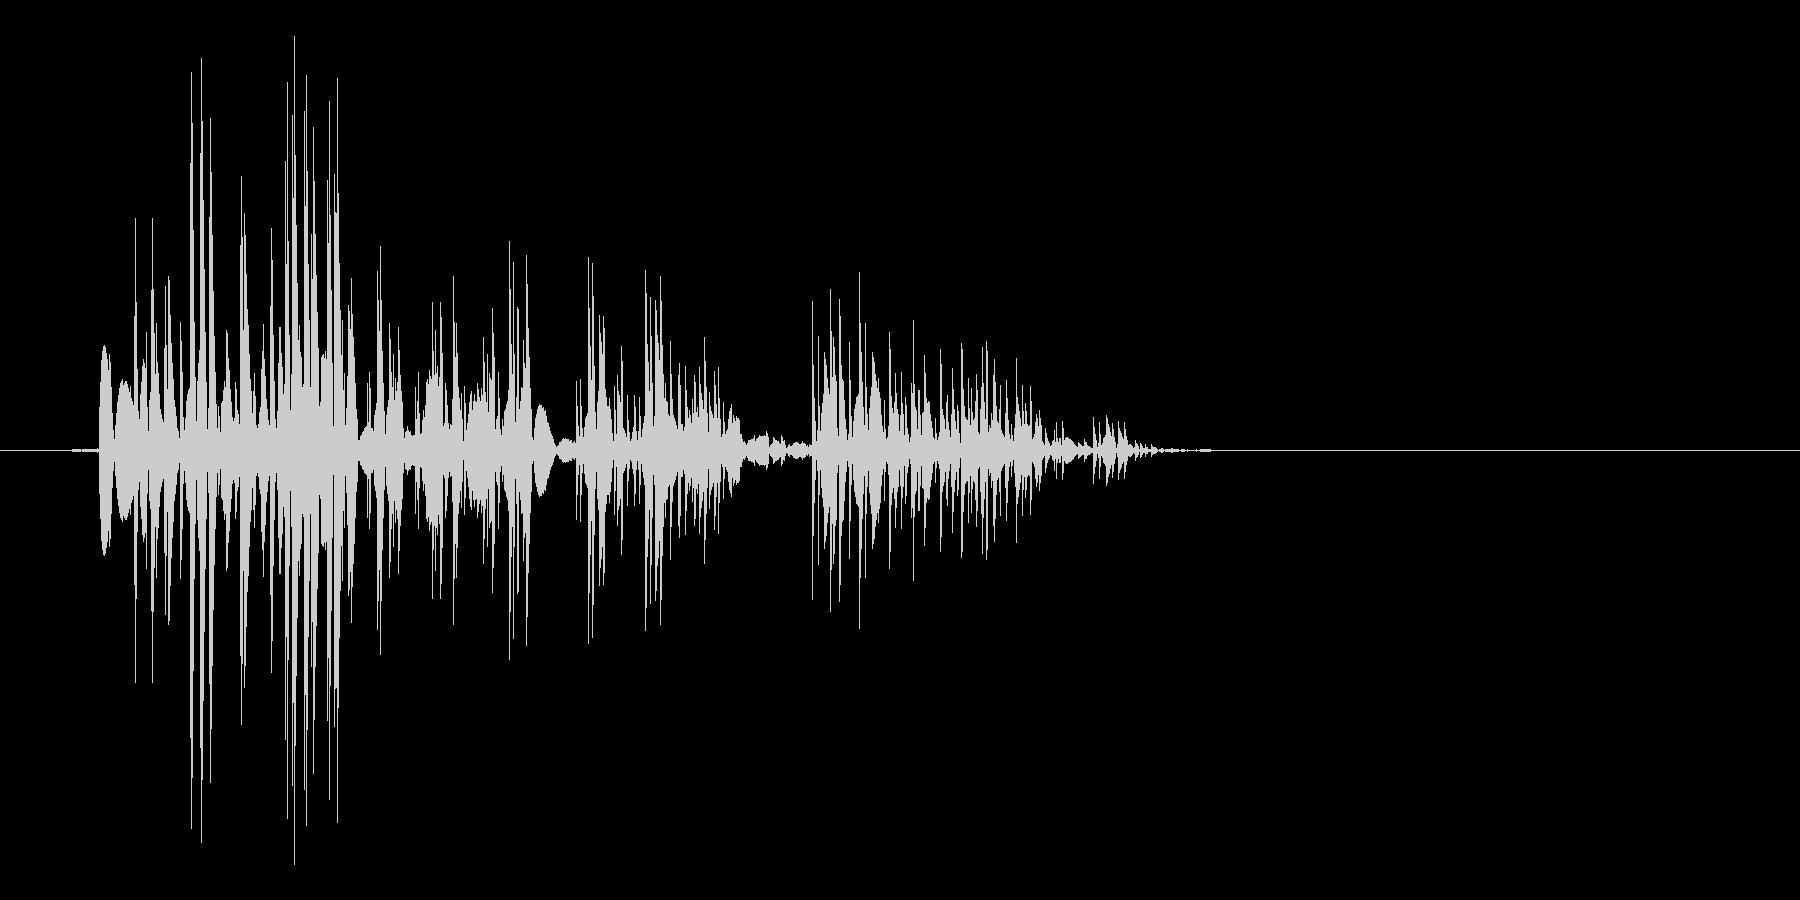 ゲーム(ファミコン風)爆発音_017の未再生の波形